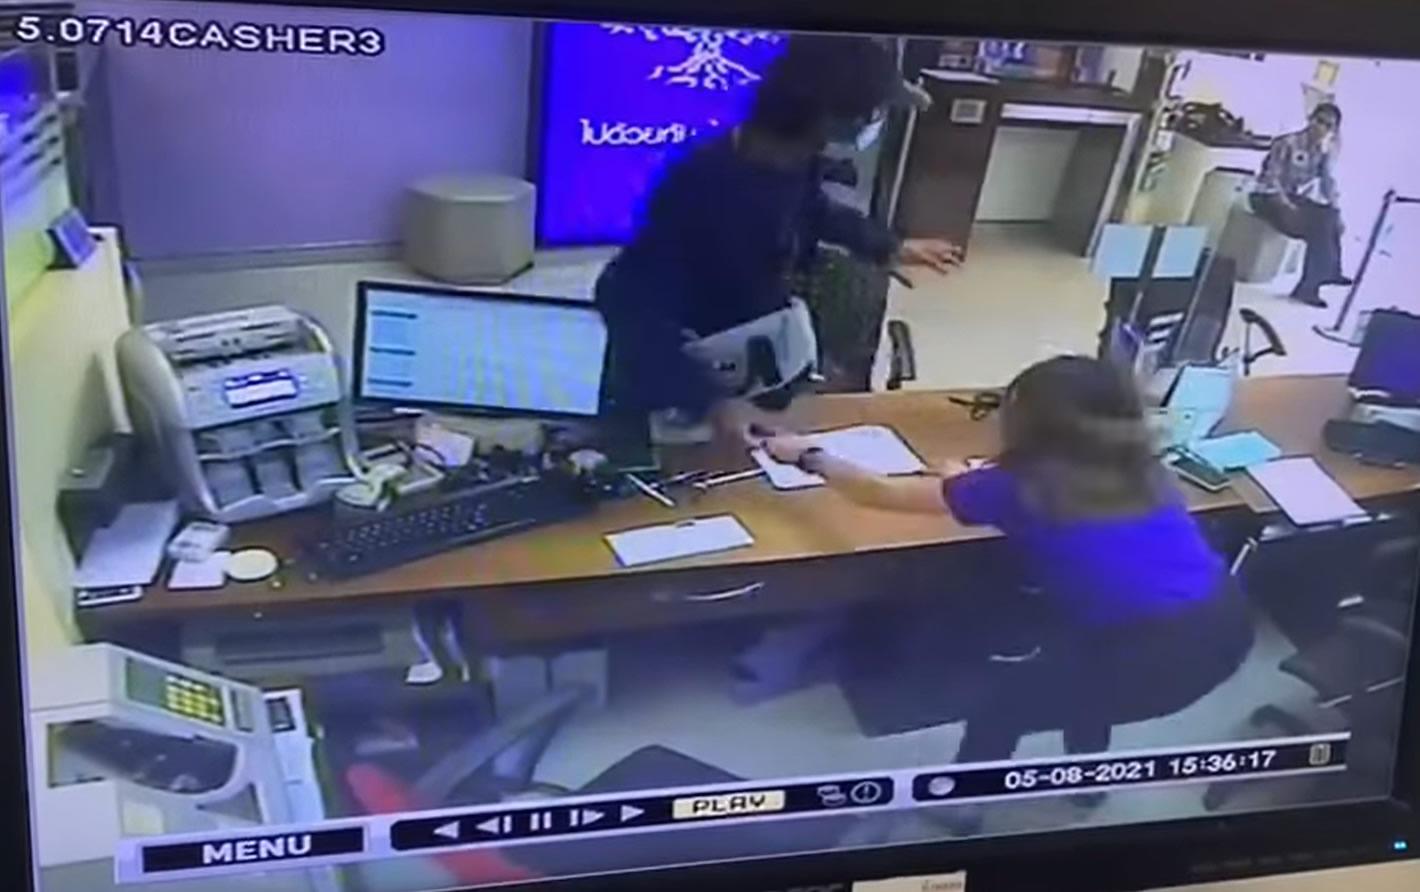 チェンマイで銀行強盗、カウンターを乗り越えて1万バーツ奪う